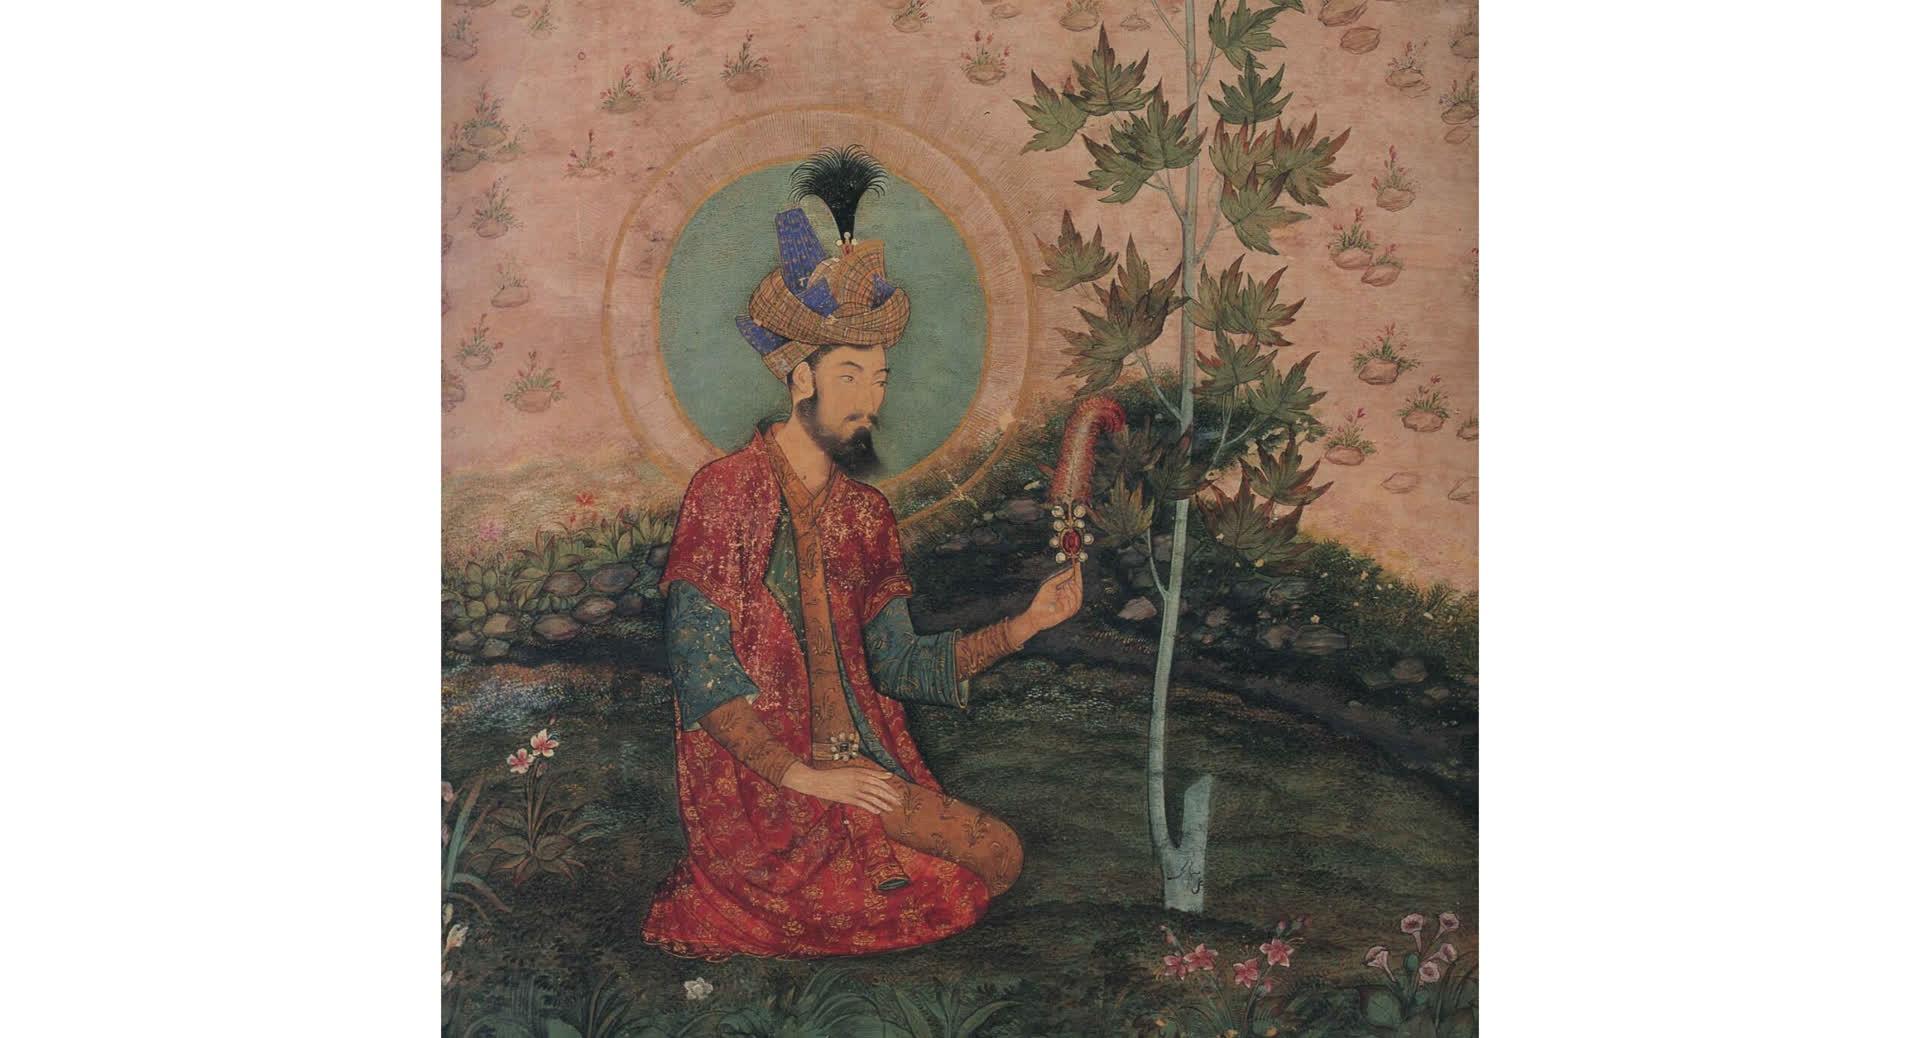 मुगल बादशाह हुमायूं का पुस्तक प्रेम एवं पुस्तकालय